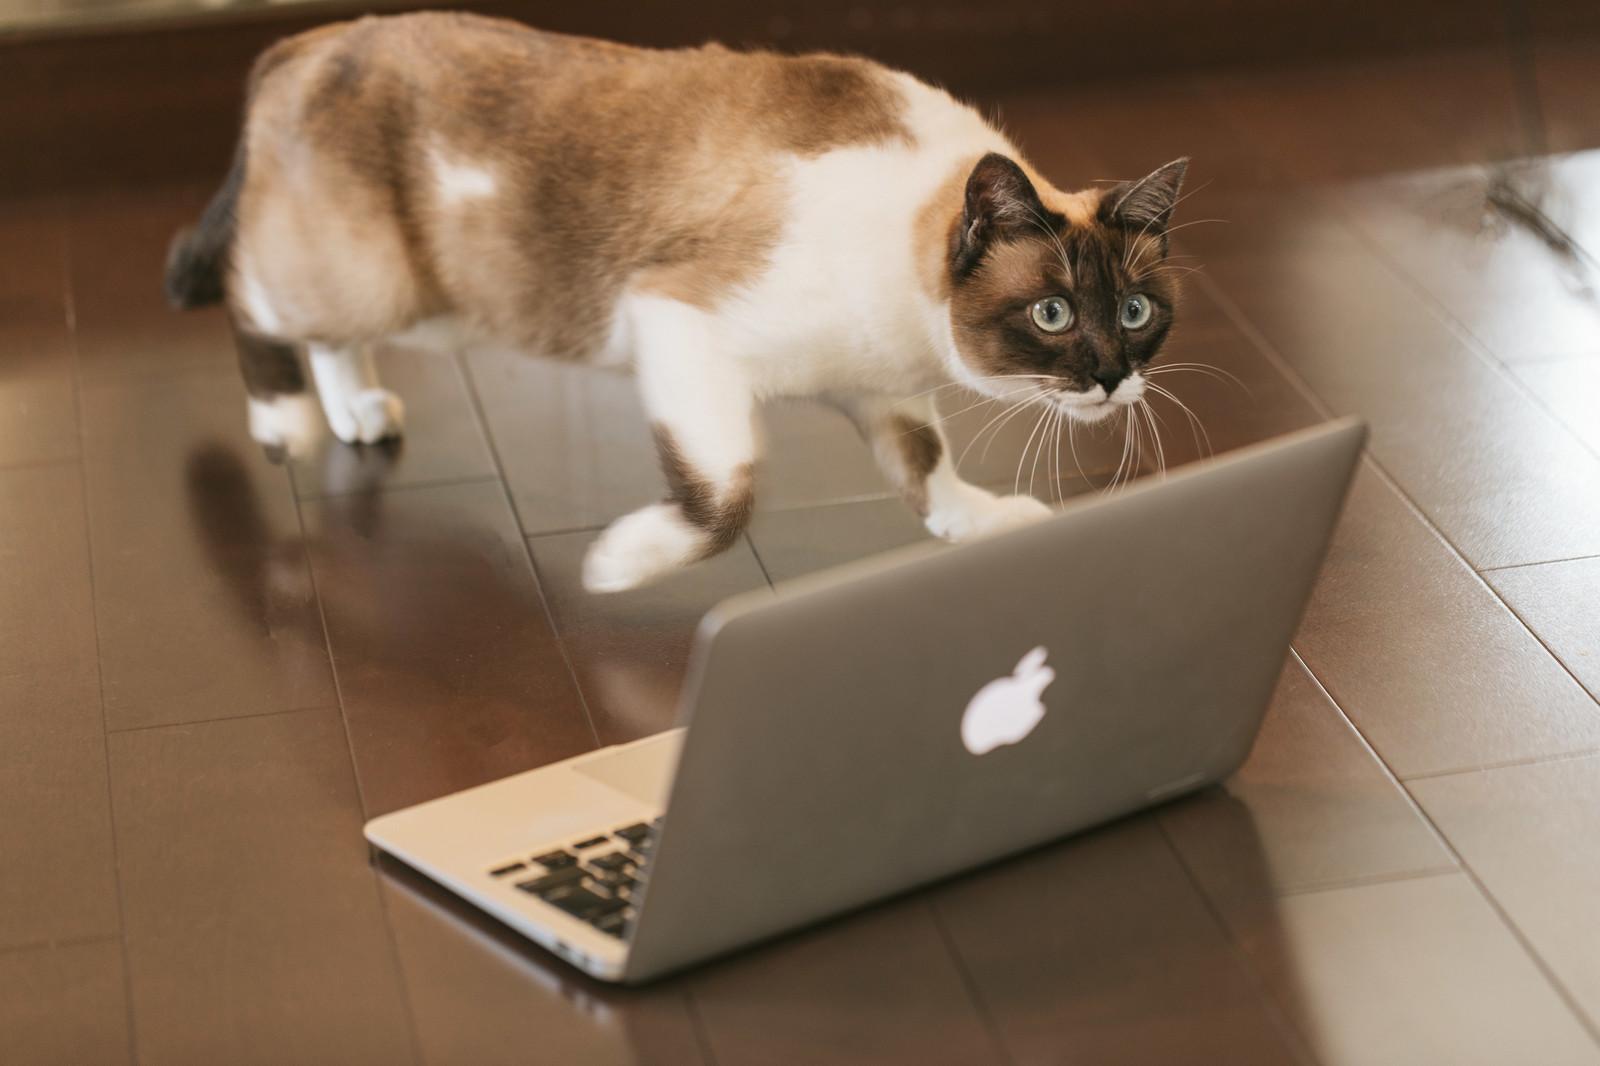 ブログのサイドバーに人気記事を載表示させない方が良い理由